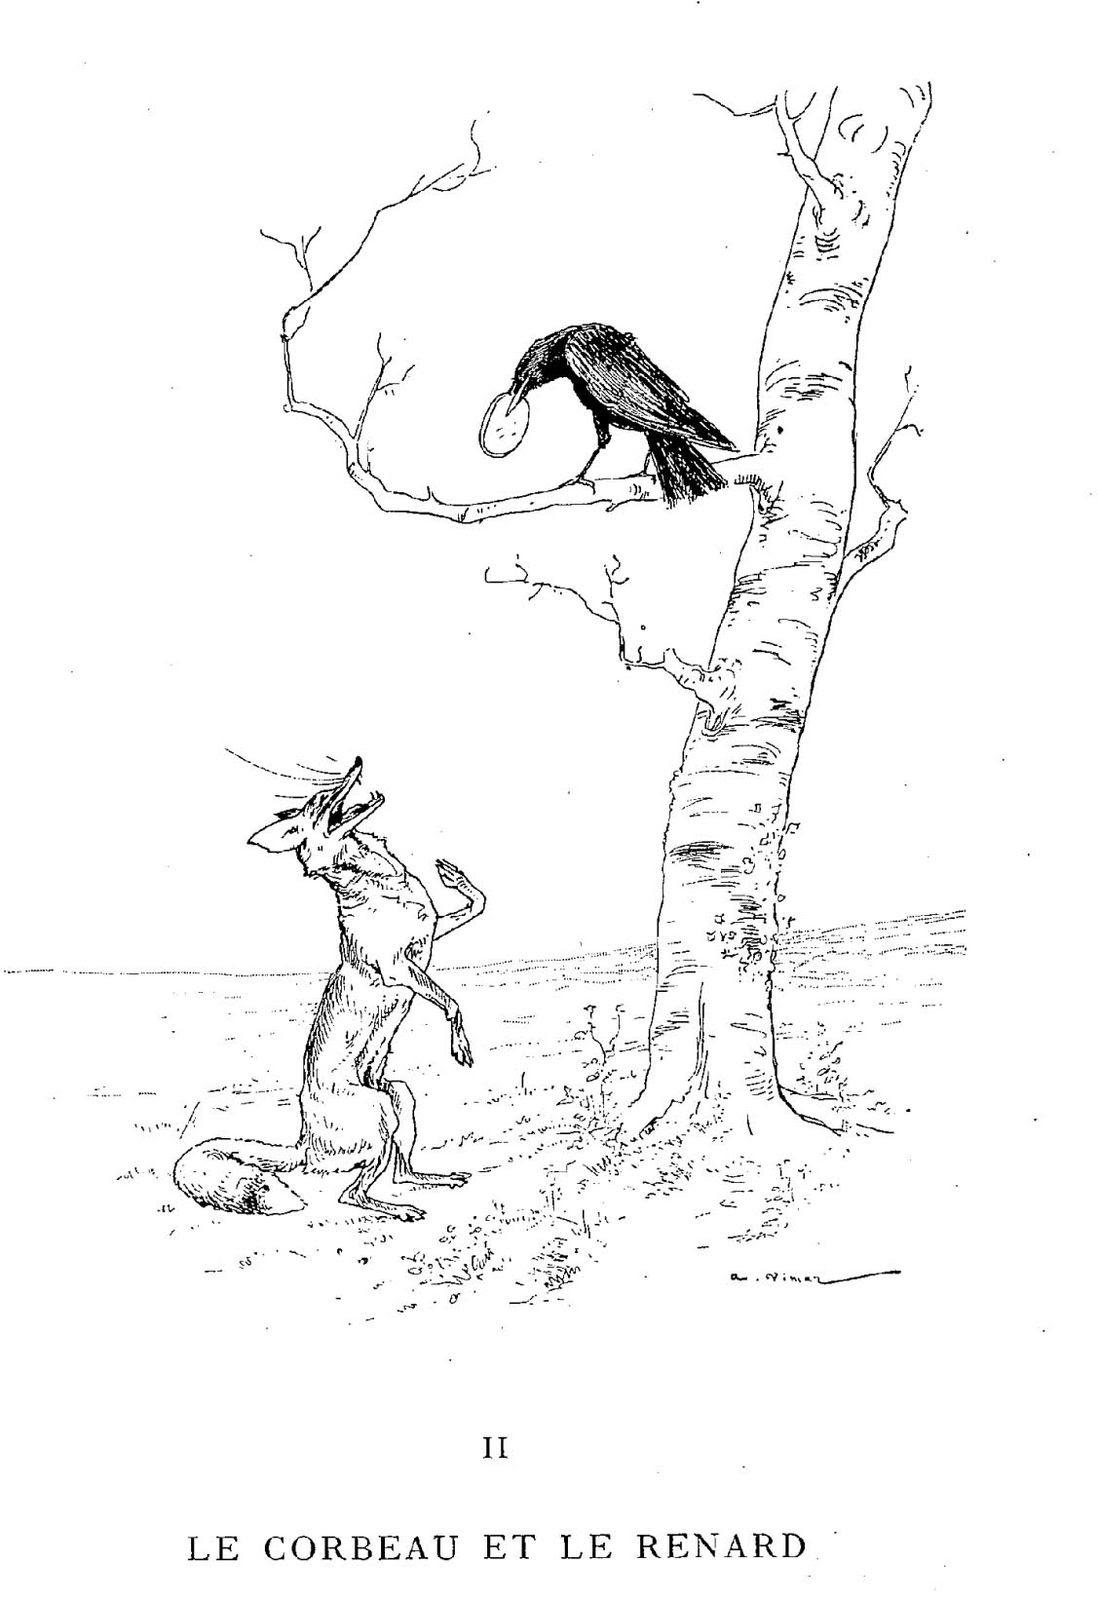 Illustration dessin Vimar fable de La Fontaine le corbeau et le renard